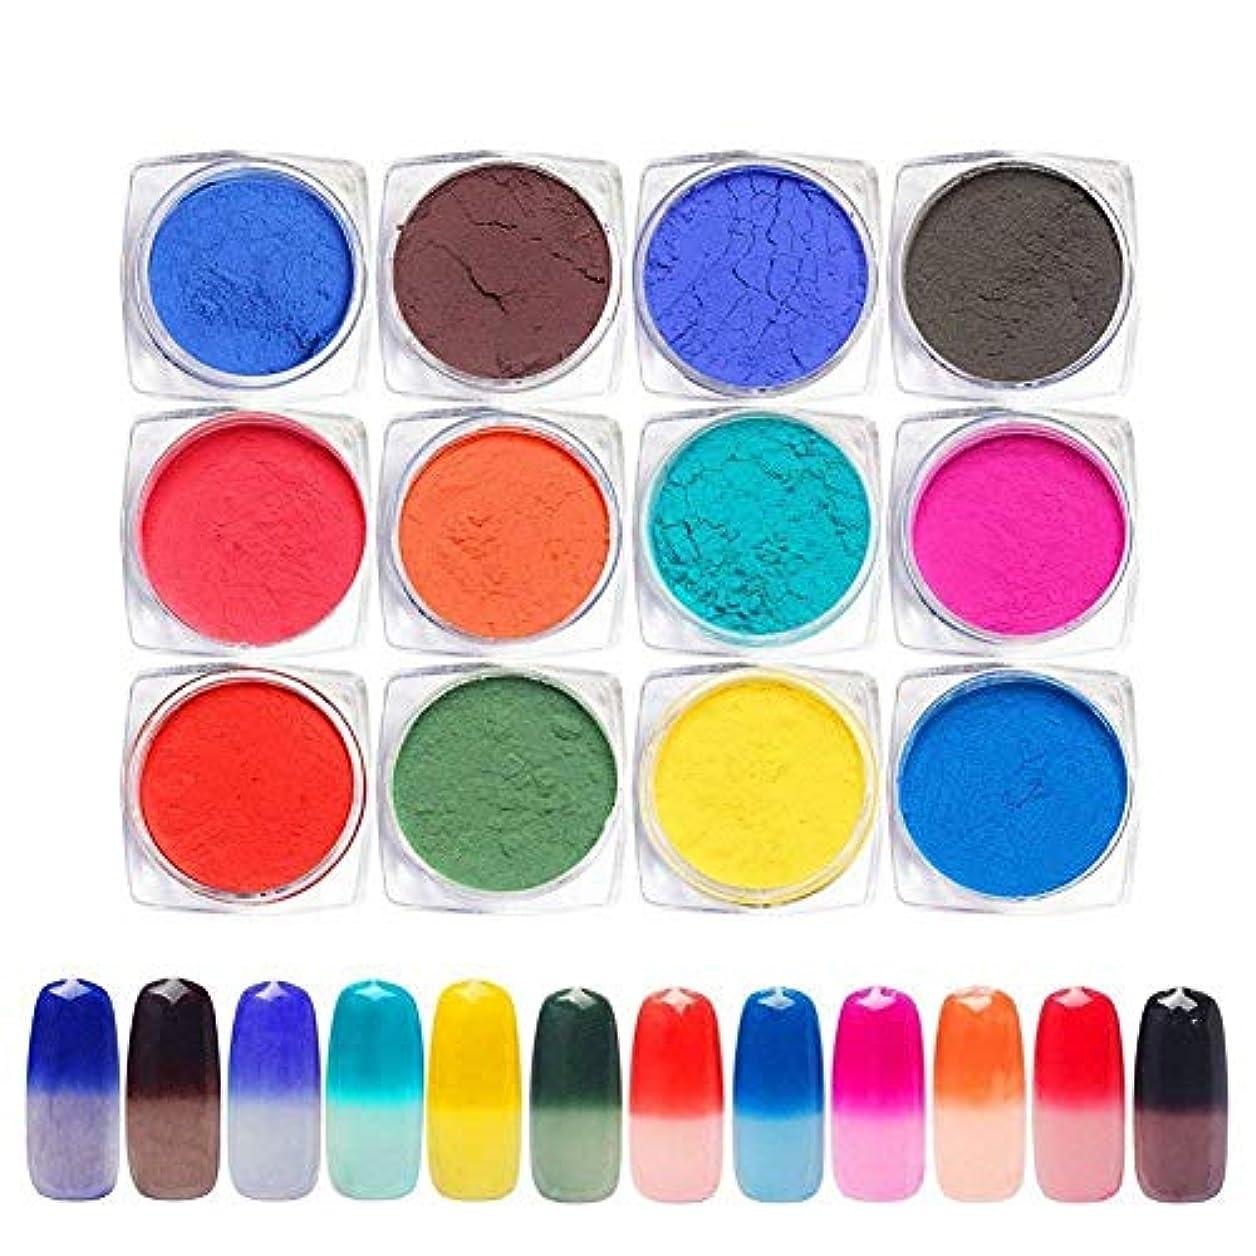 対応する群れ構成員12色セット 温度によって色が変わるパウダー 変色ネイルパウダー ネイルパーツ ジェルネイル ネイルアート1g入り